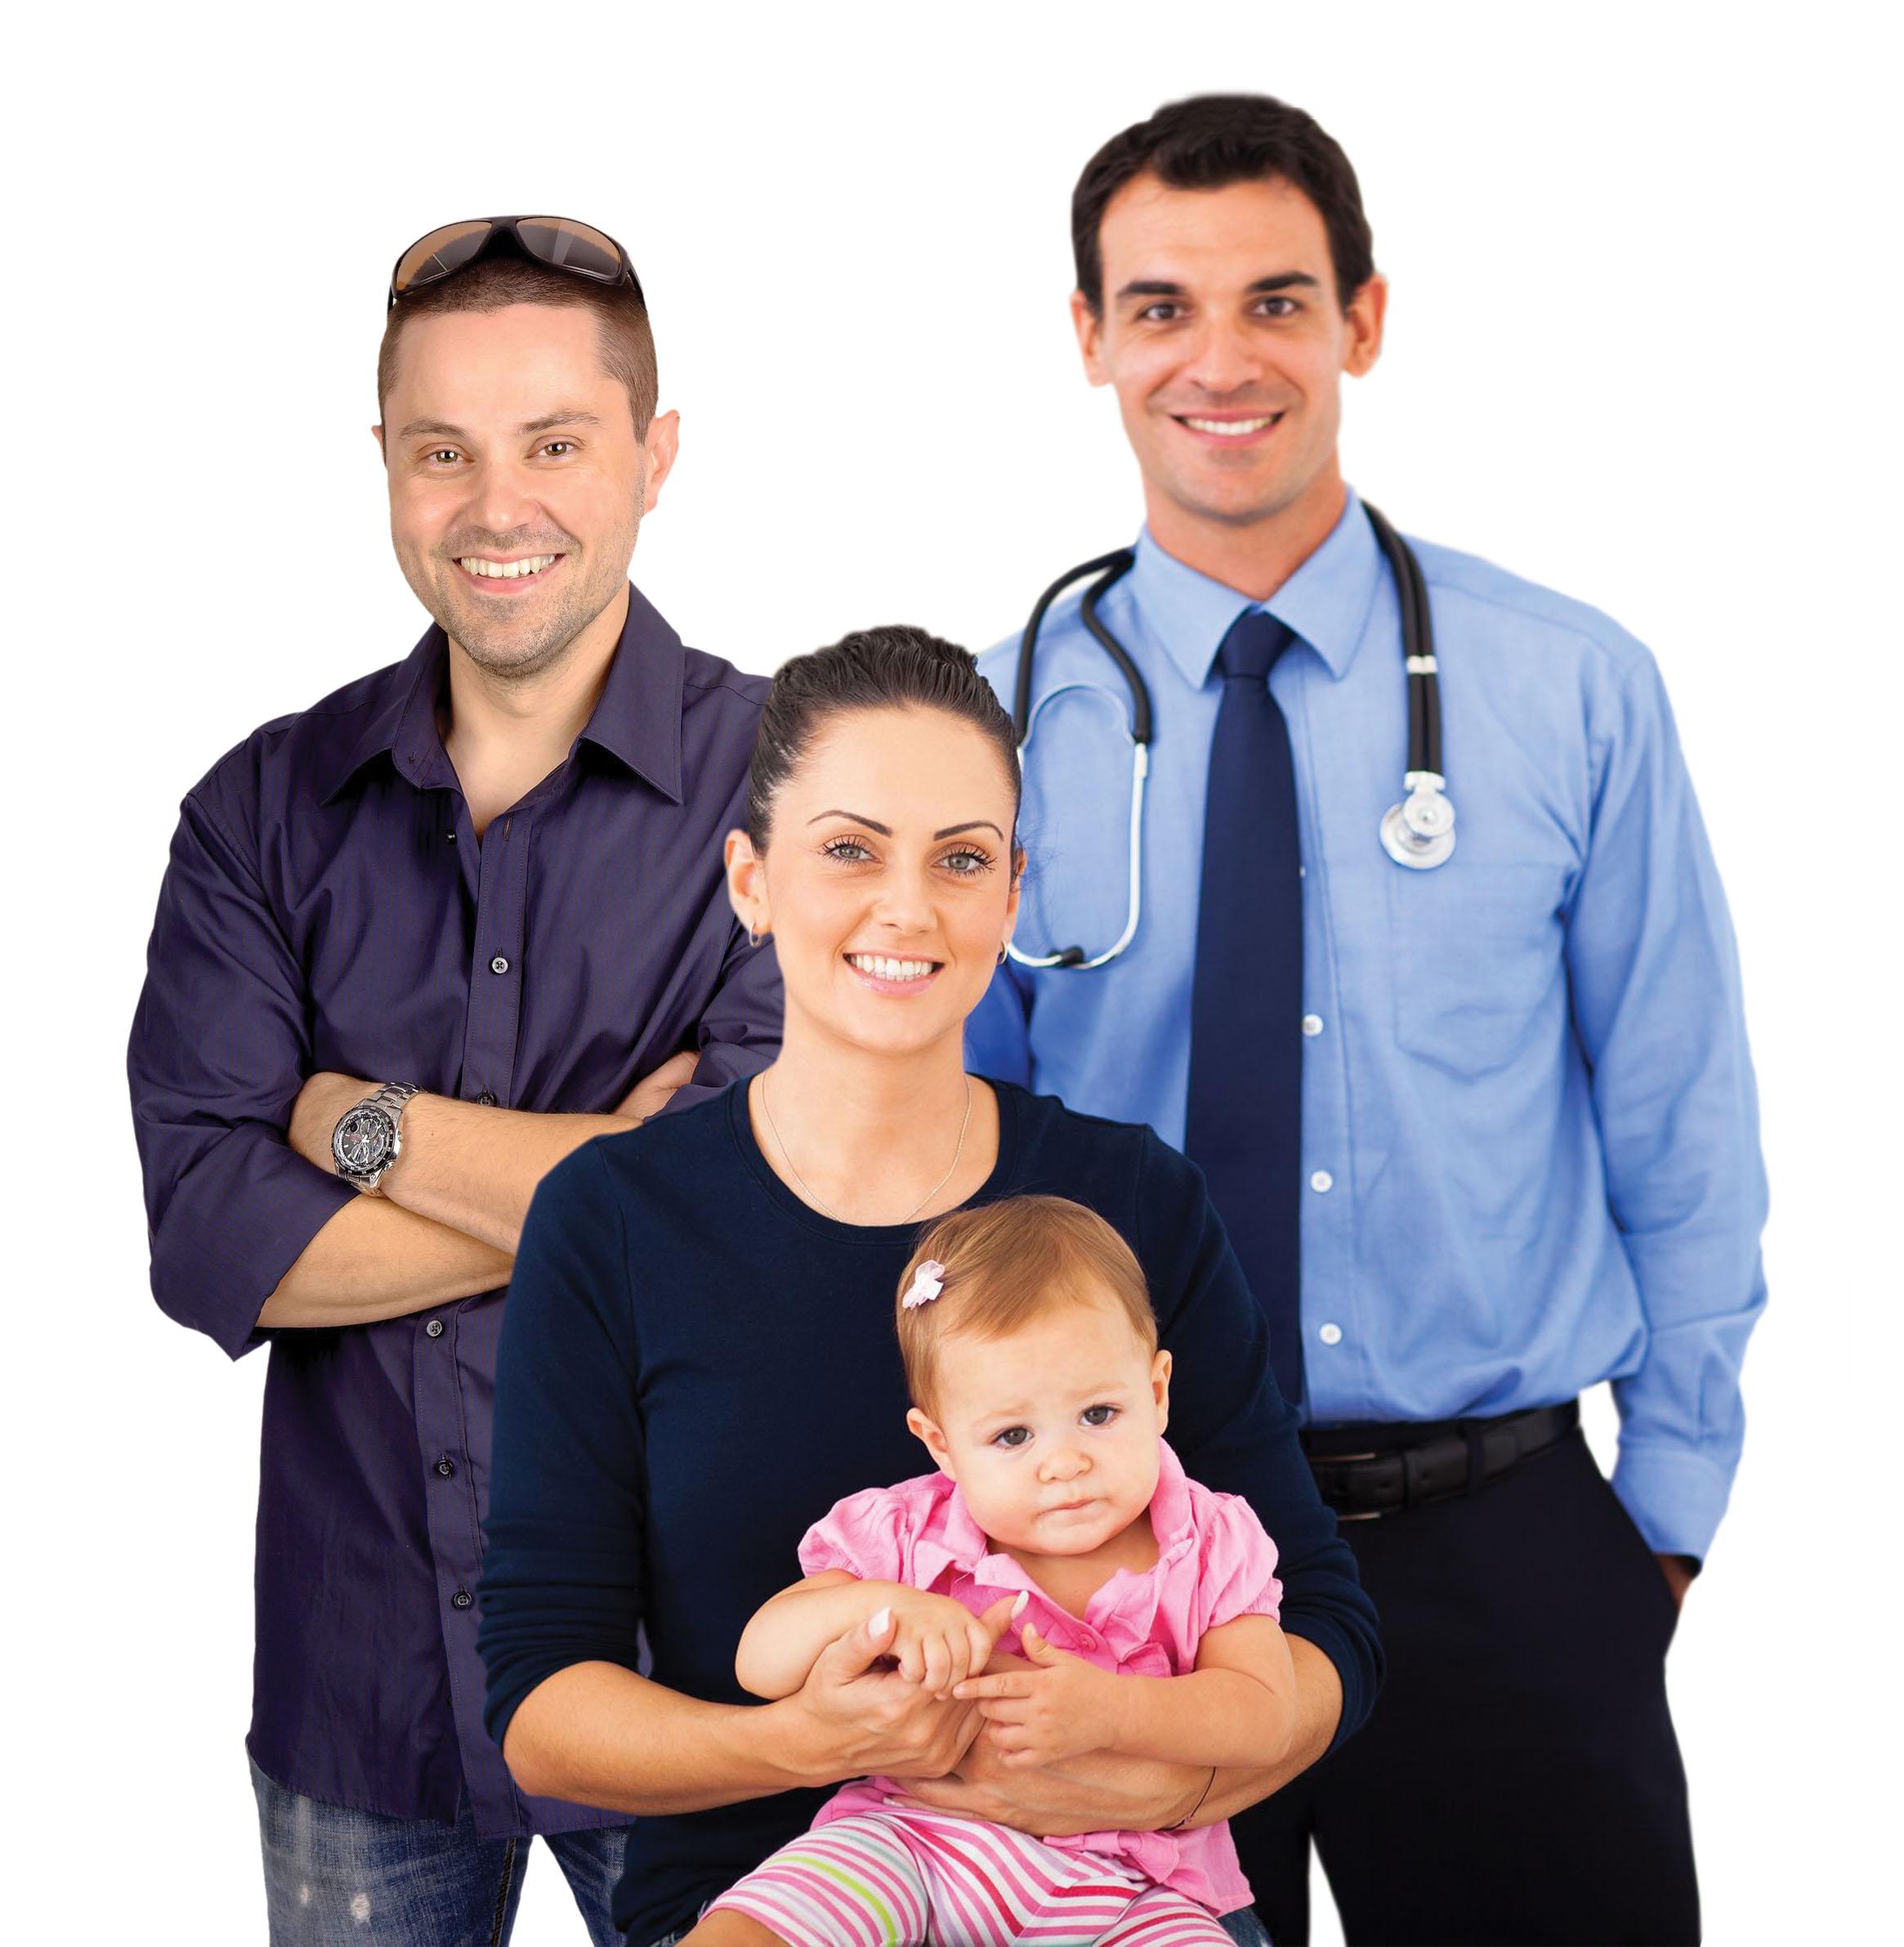 8527_doctor_family_0.jpg